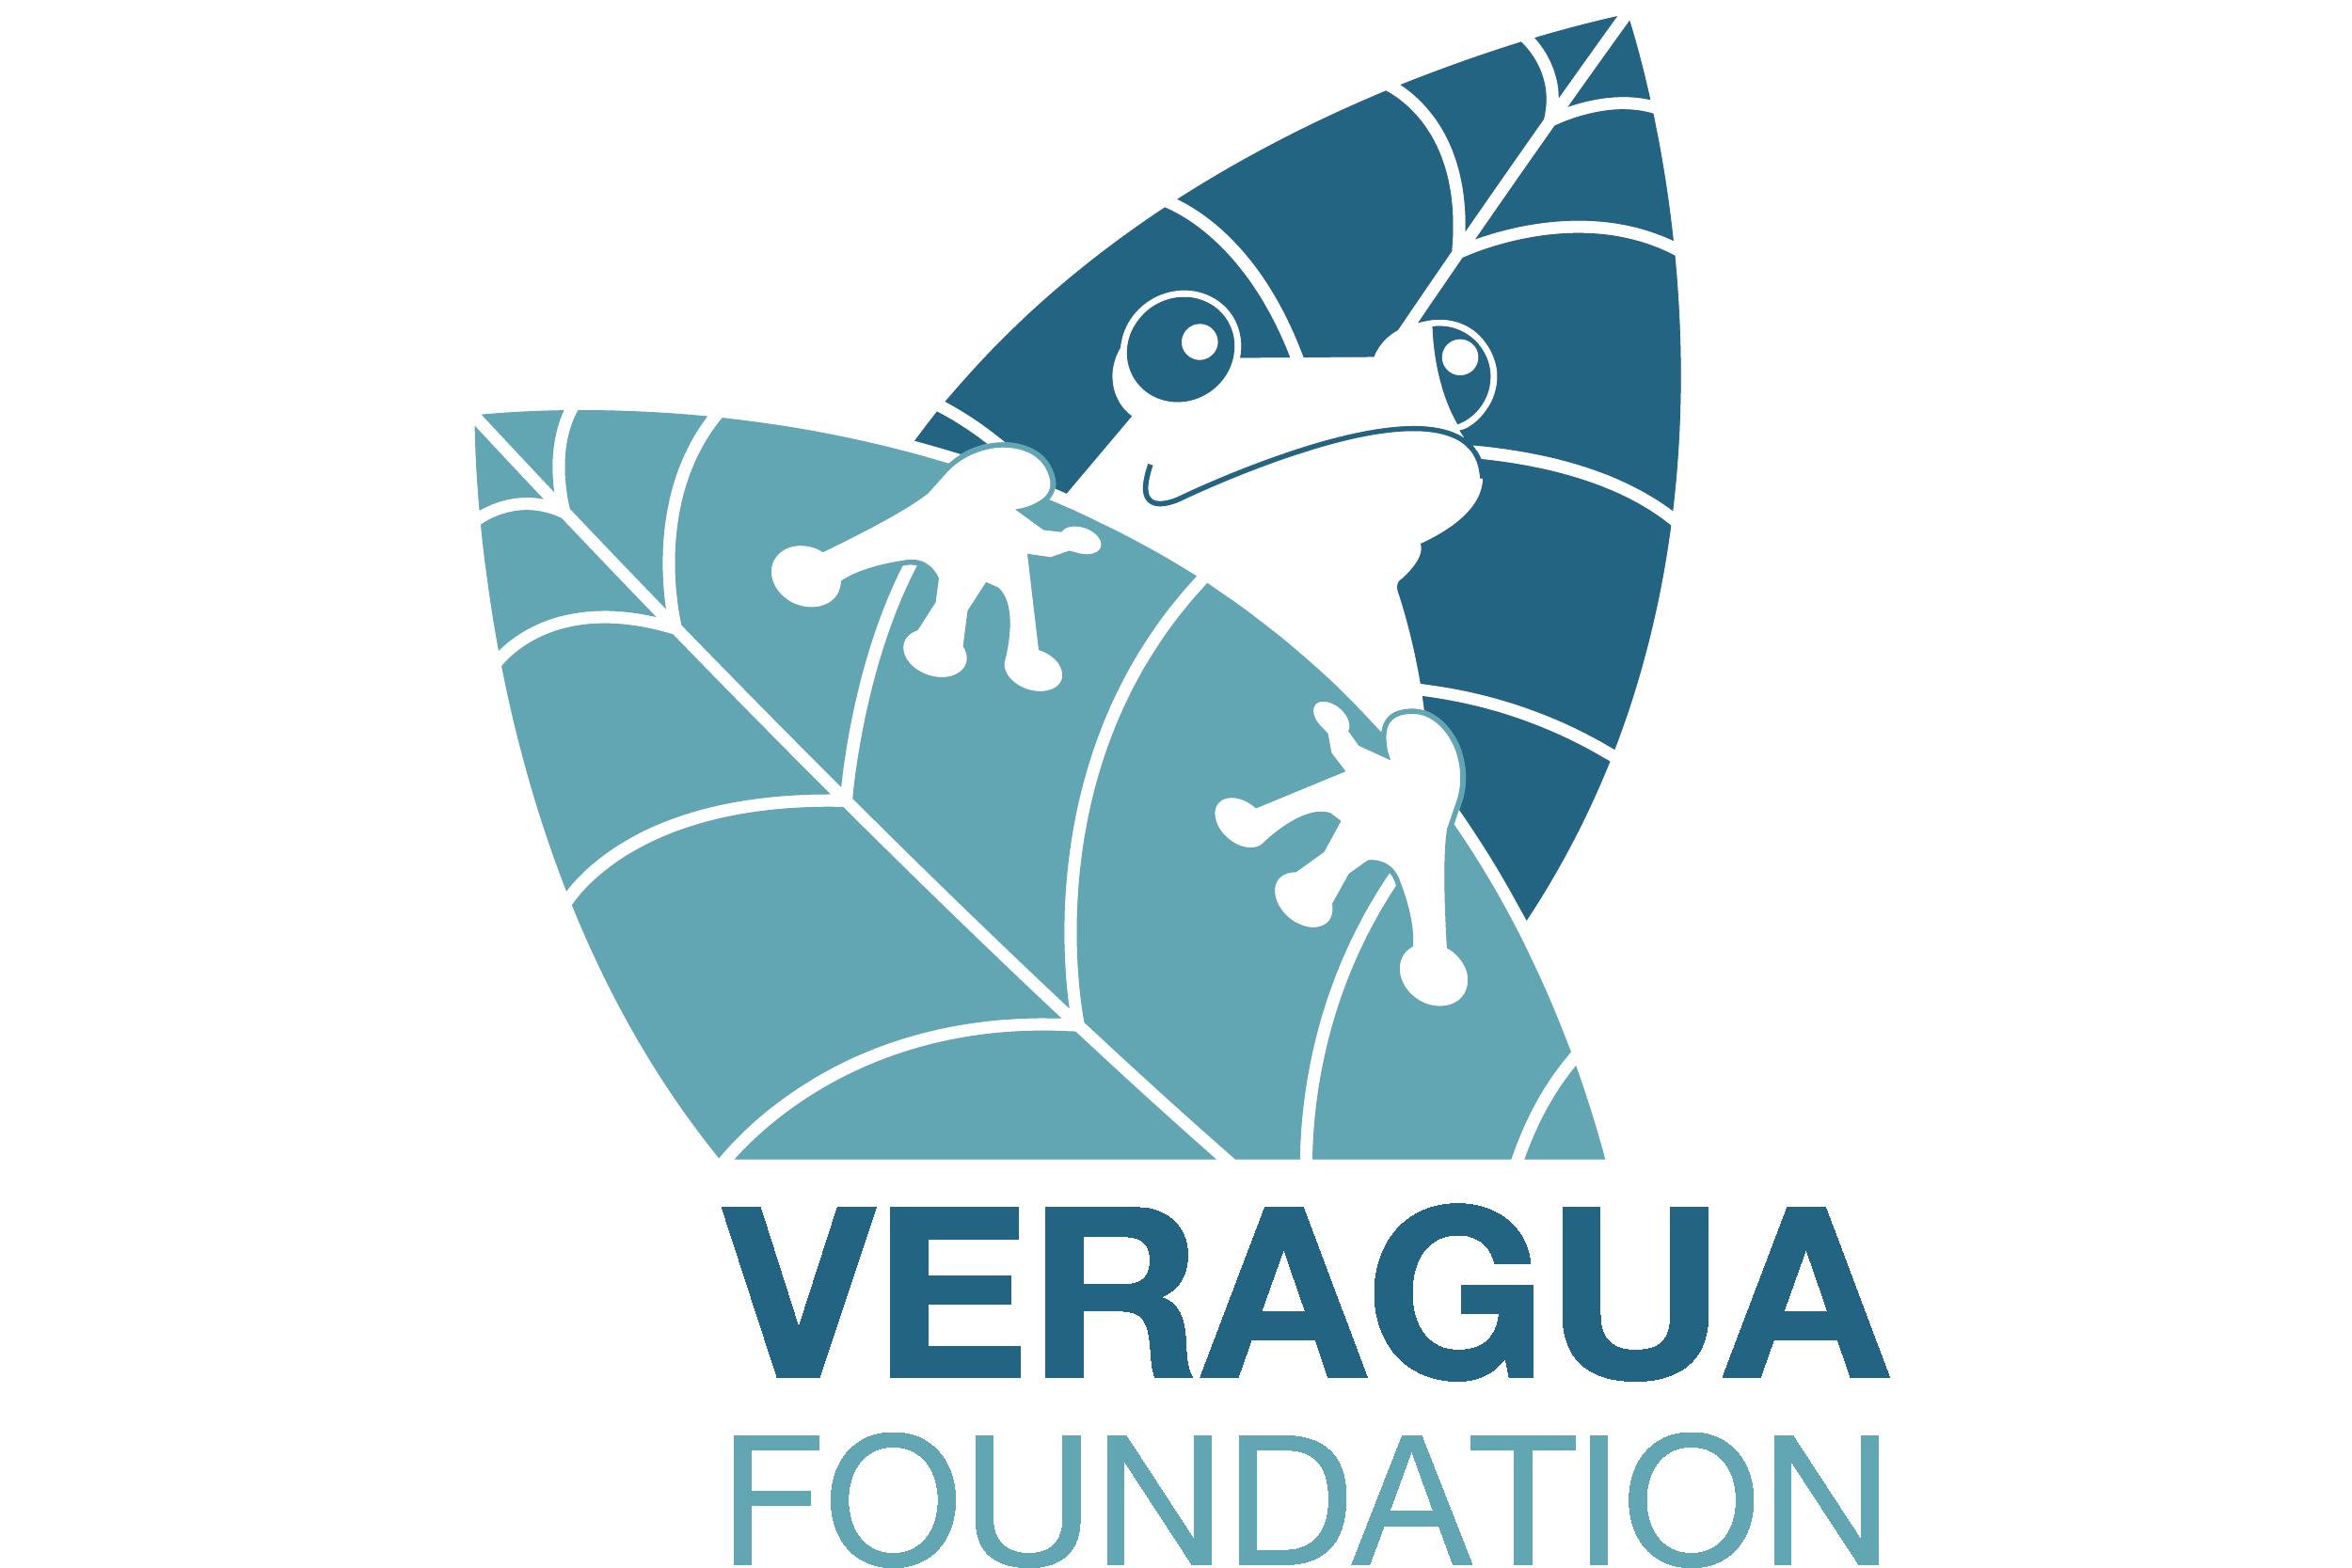 veragua fundation